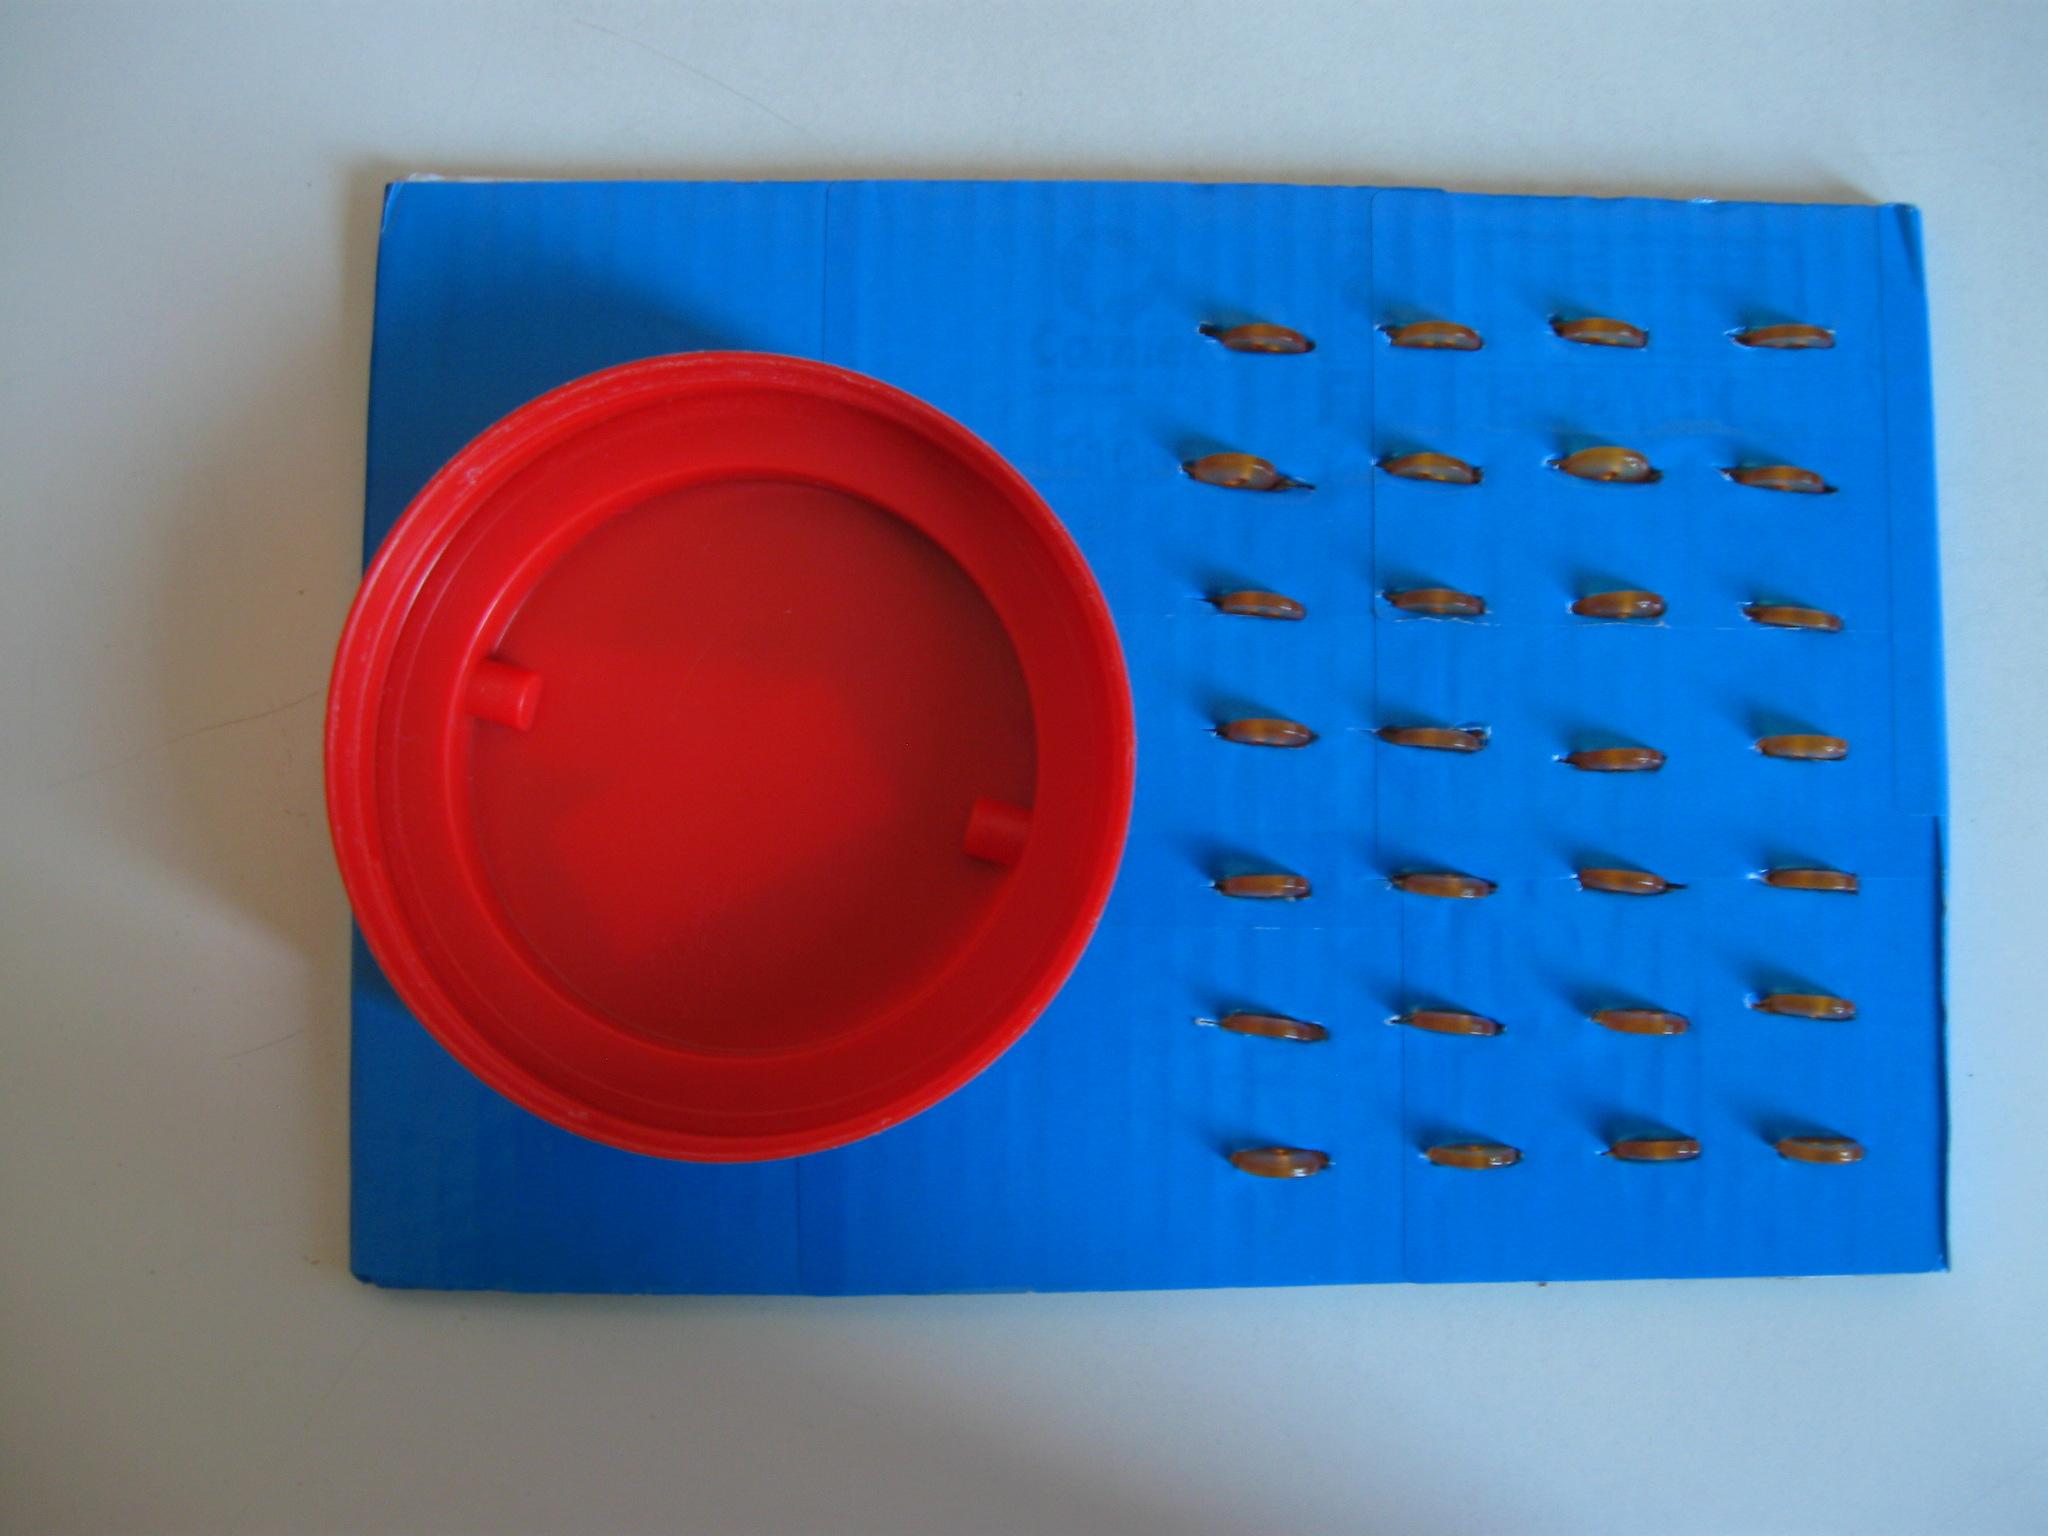 Cartone con attaccata una vaschetta a sinistra e incastrati 28 bottoni a destra.